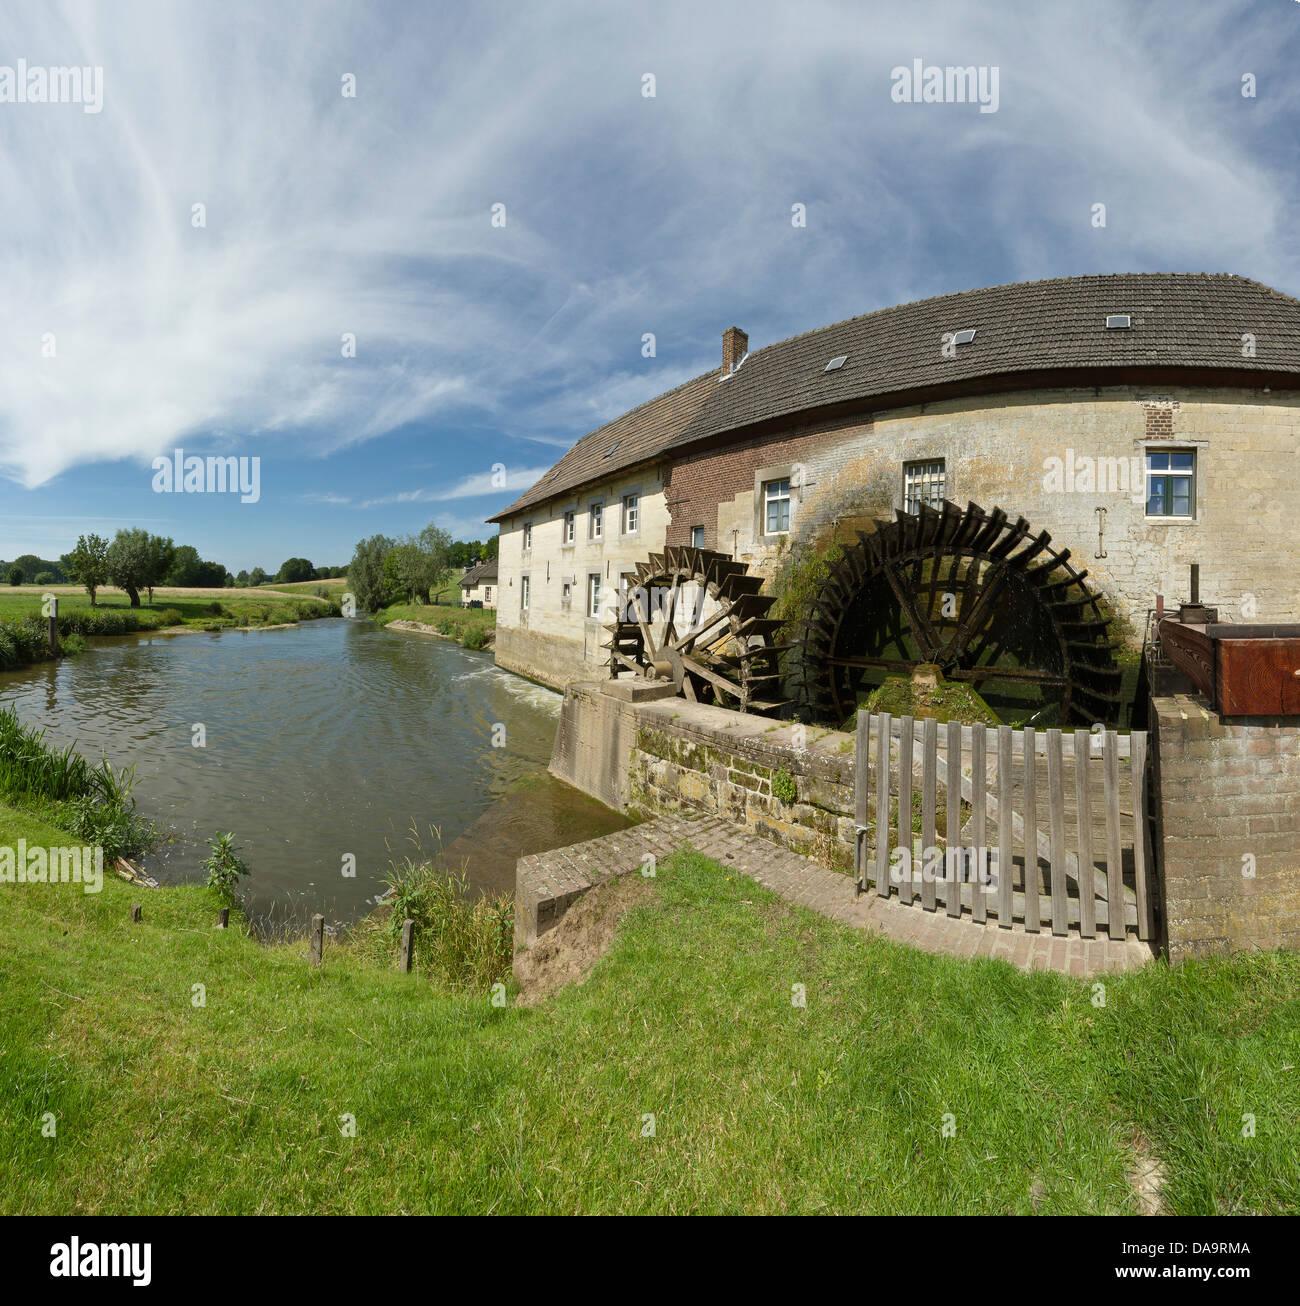 Netherlands, Holland, Europe, Wijlre, Water wheel mill, Water wheel, windmill, field, meadow, water, summer, - Stock Image